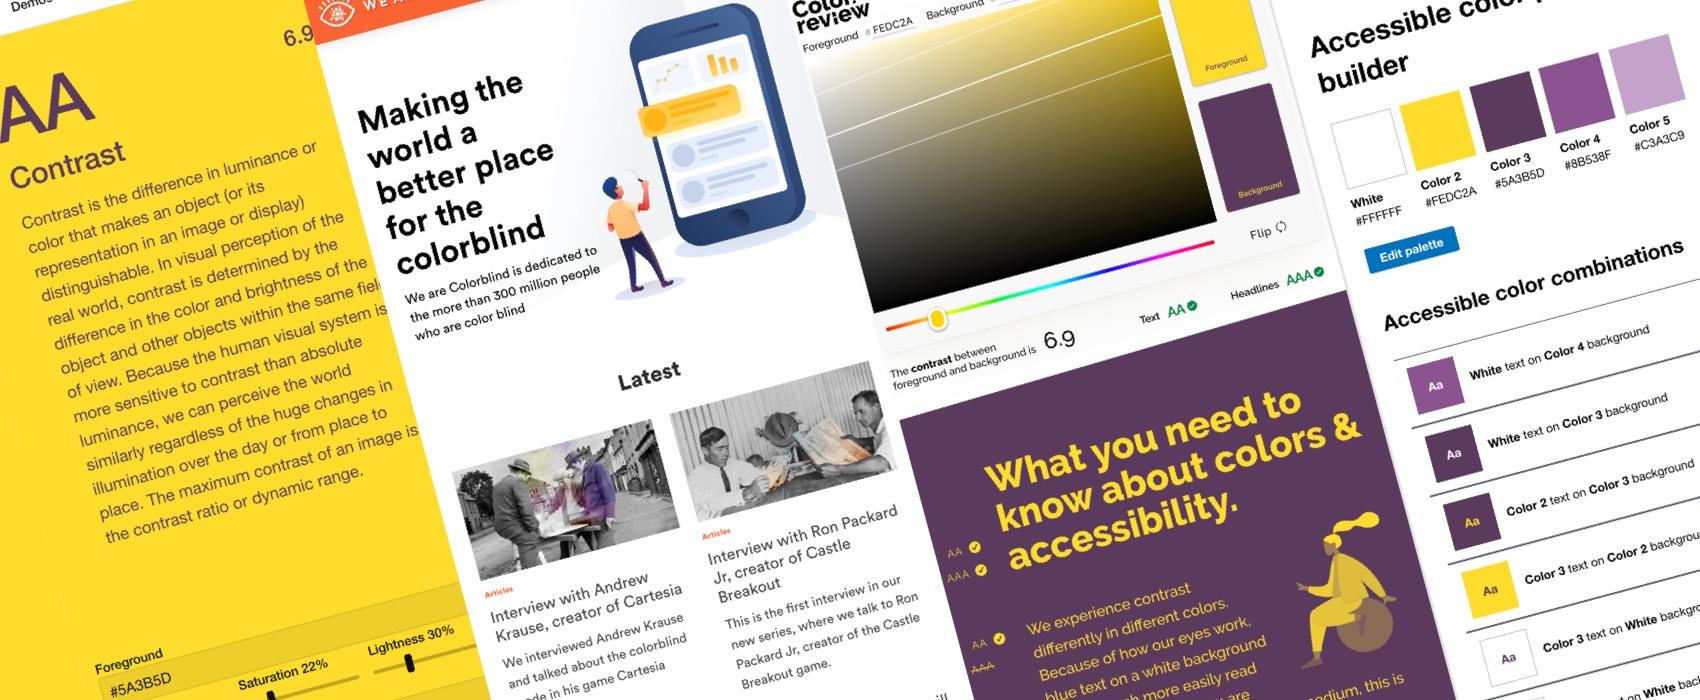 Accessibilité et couleurs : outils et ressources pour concevoir des produits accessibles